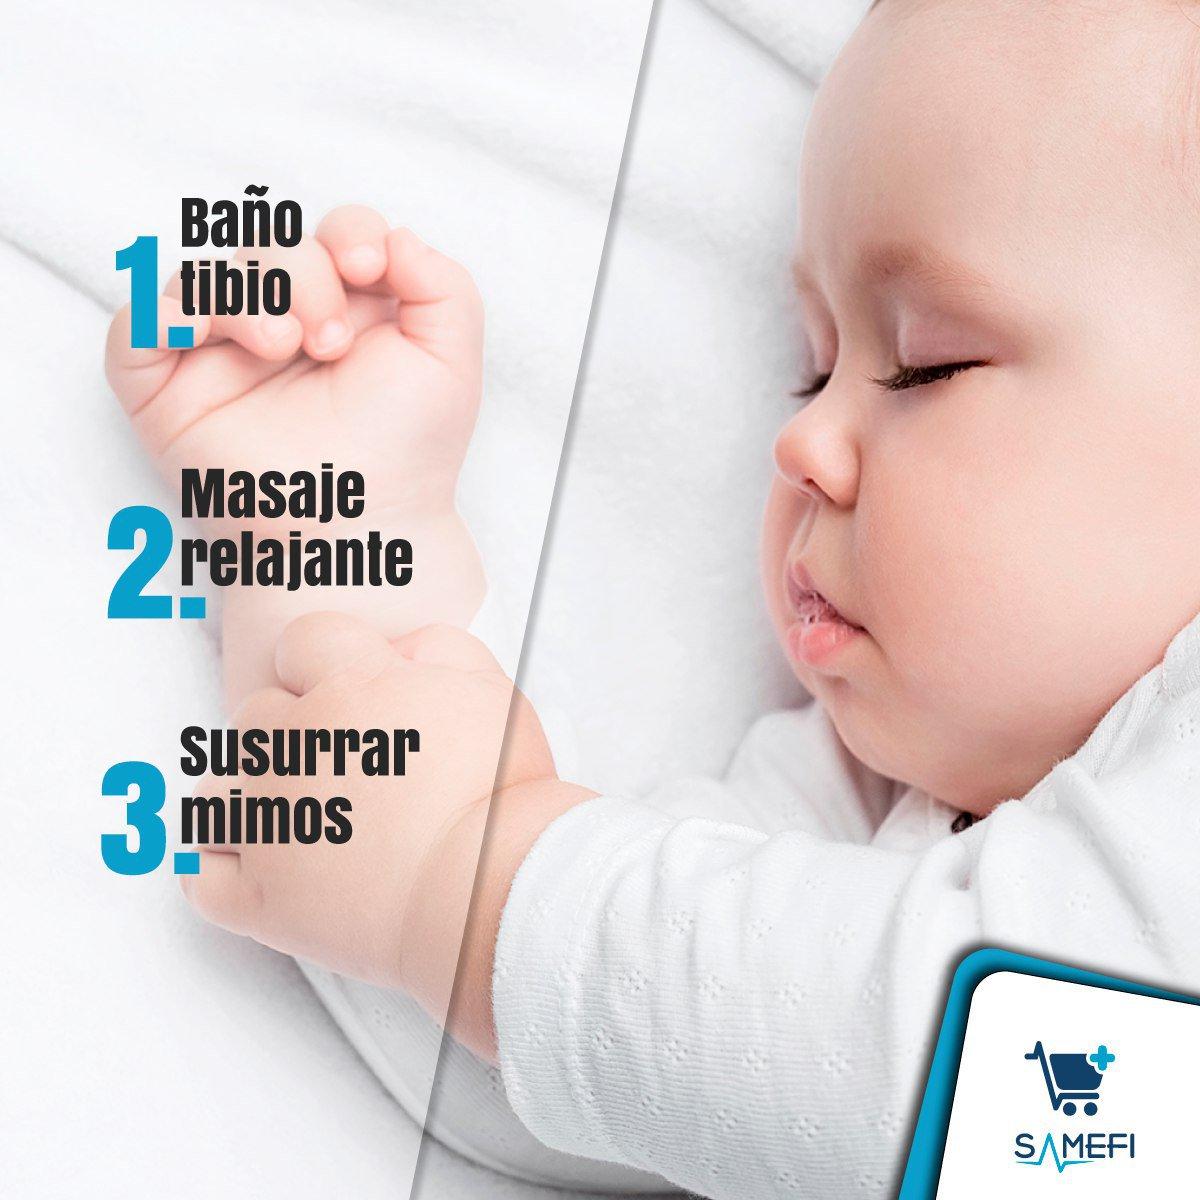 Esta sencilla rutina le enseñará a tu #bebé a saber cuándo es la hora del sueño, un momento clave para su desarrollo integral. #TipSamefi https://t.co/UafAvEorCb